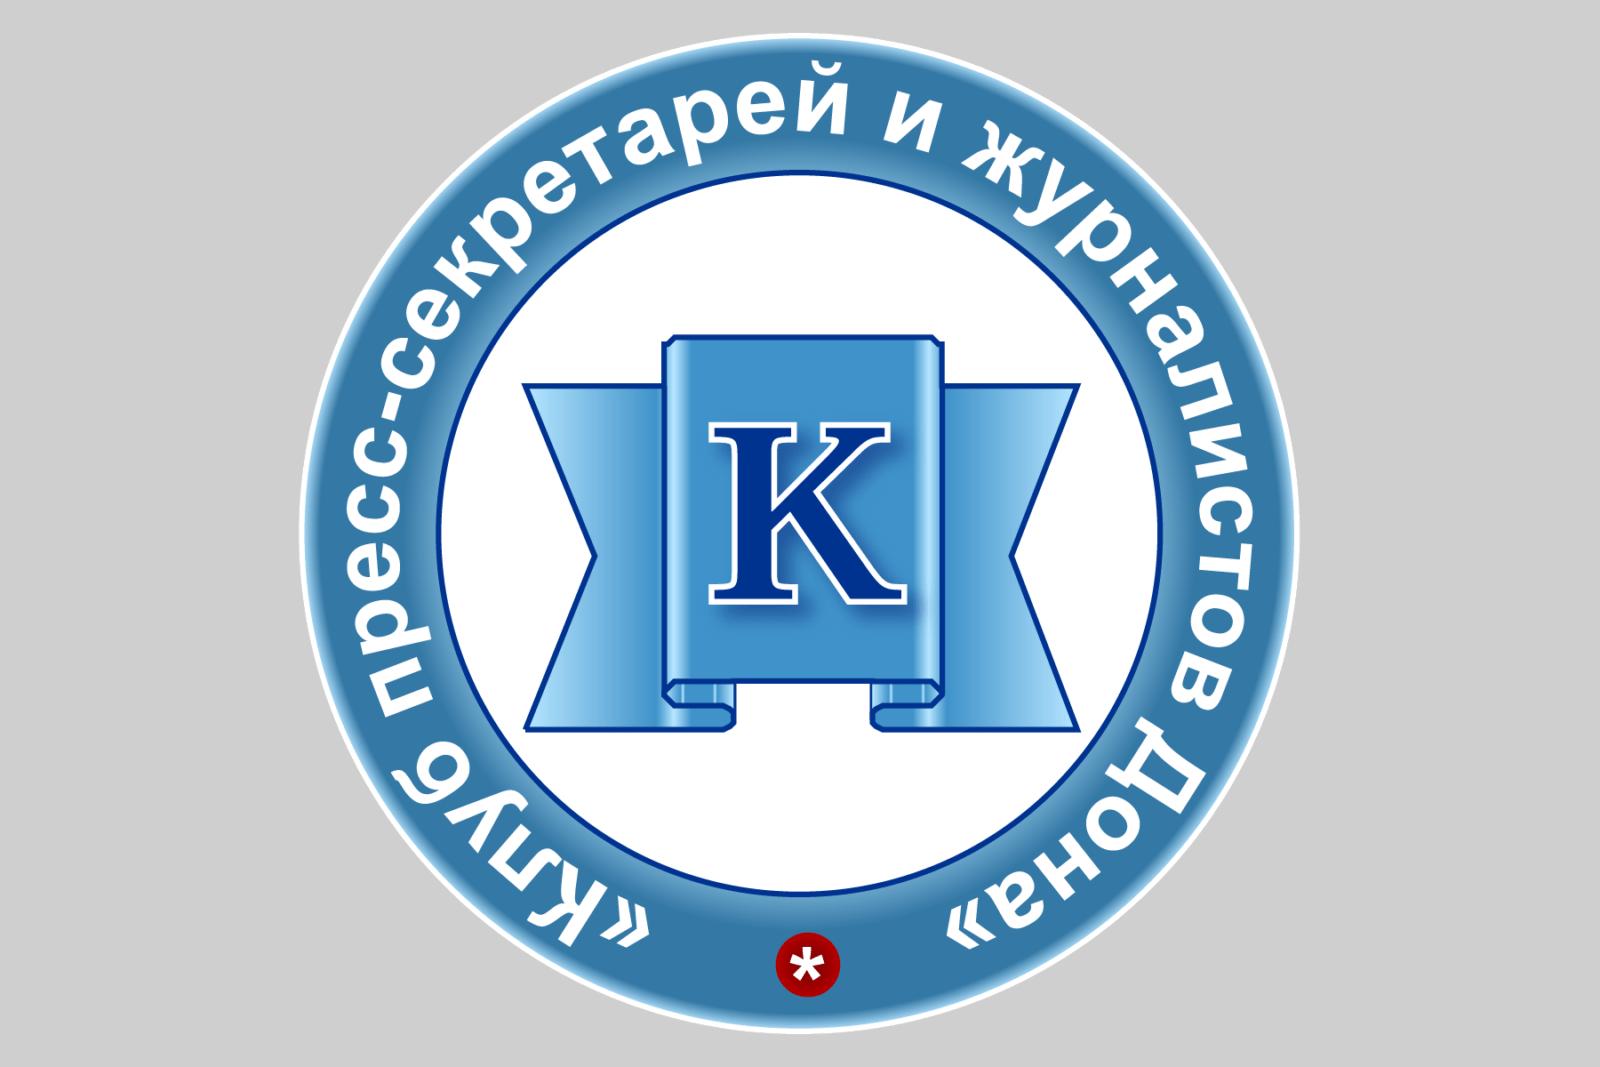 Клуб пресс-секретарей областного отделения СЖР продолжает свою работу и в период пандемии